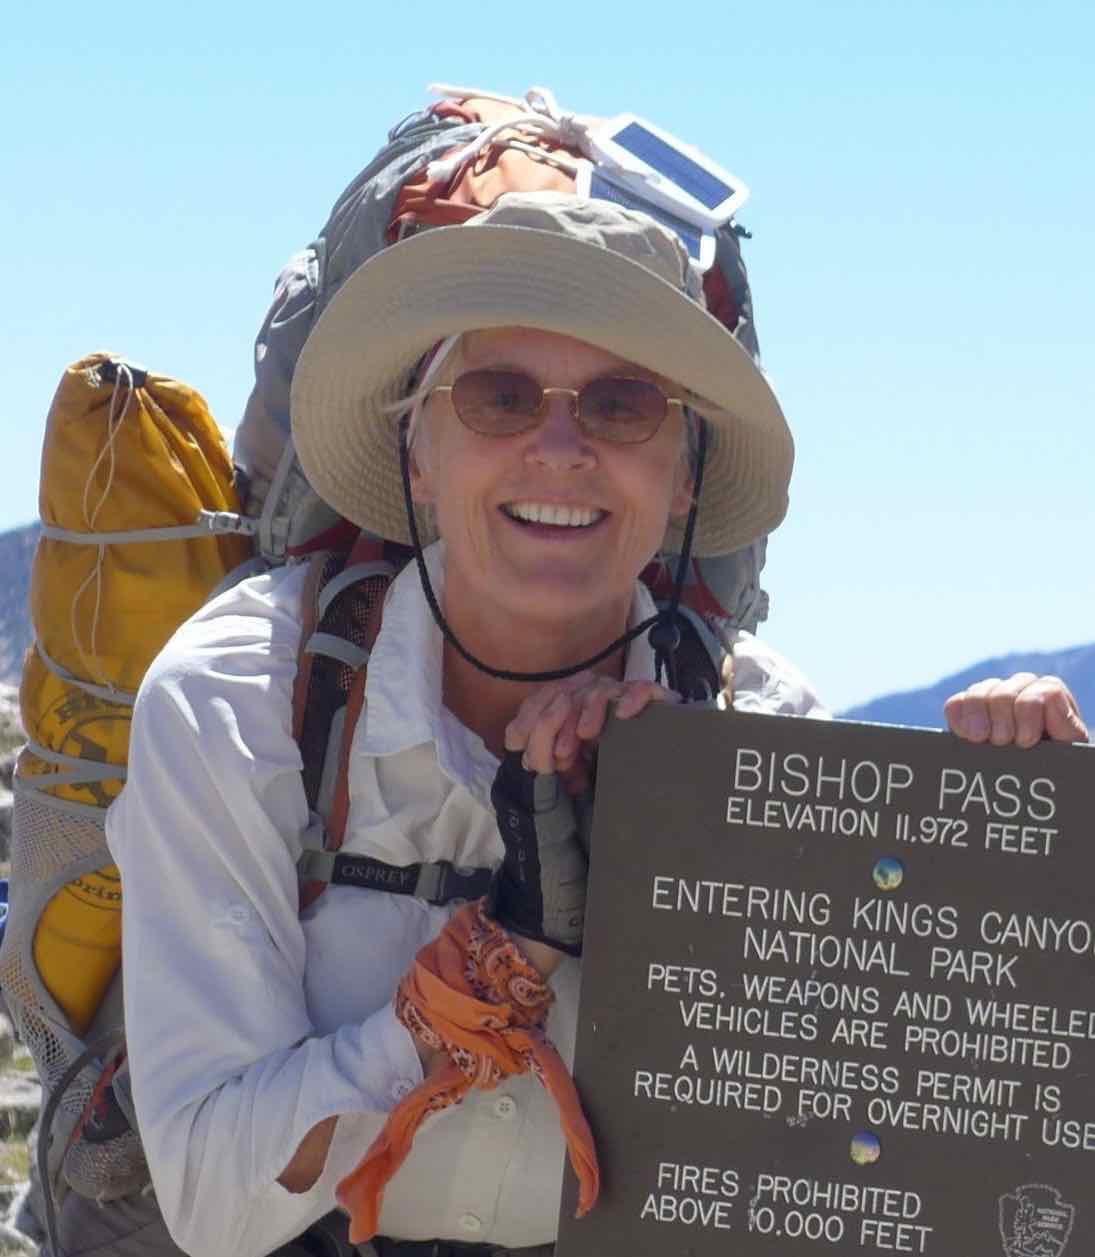 Bishop image